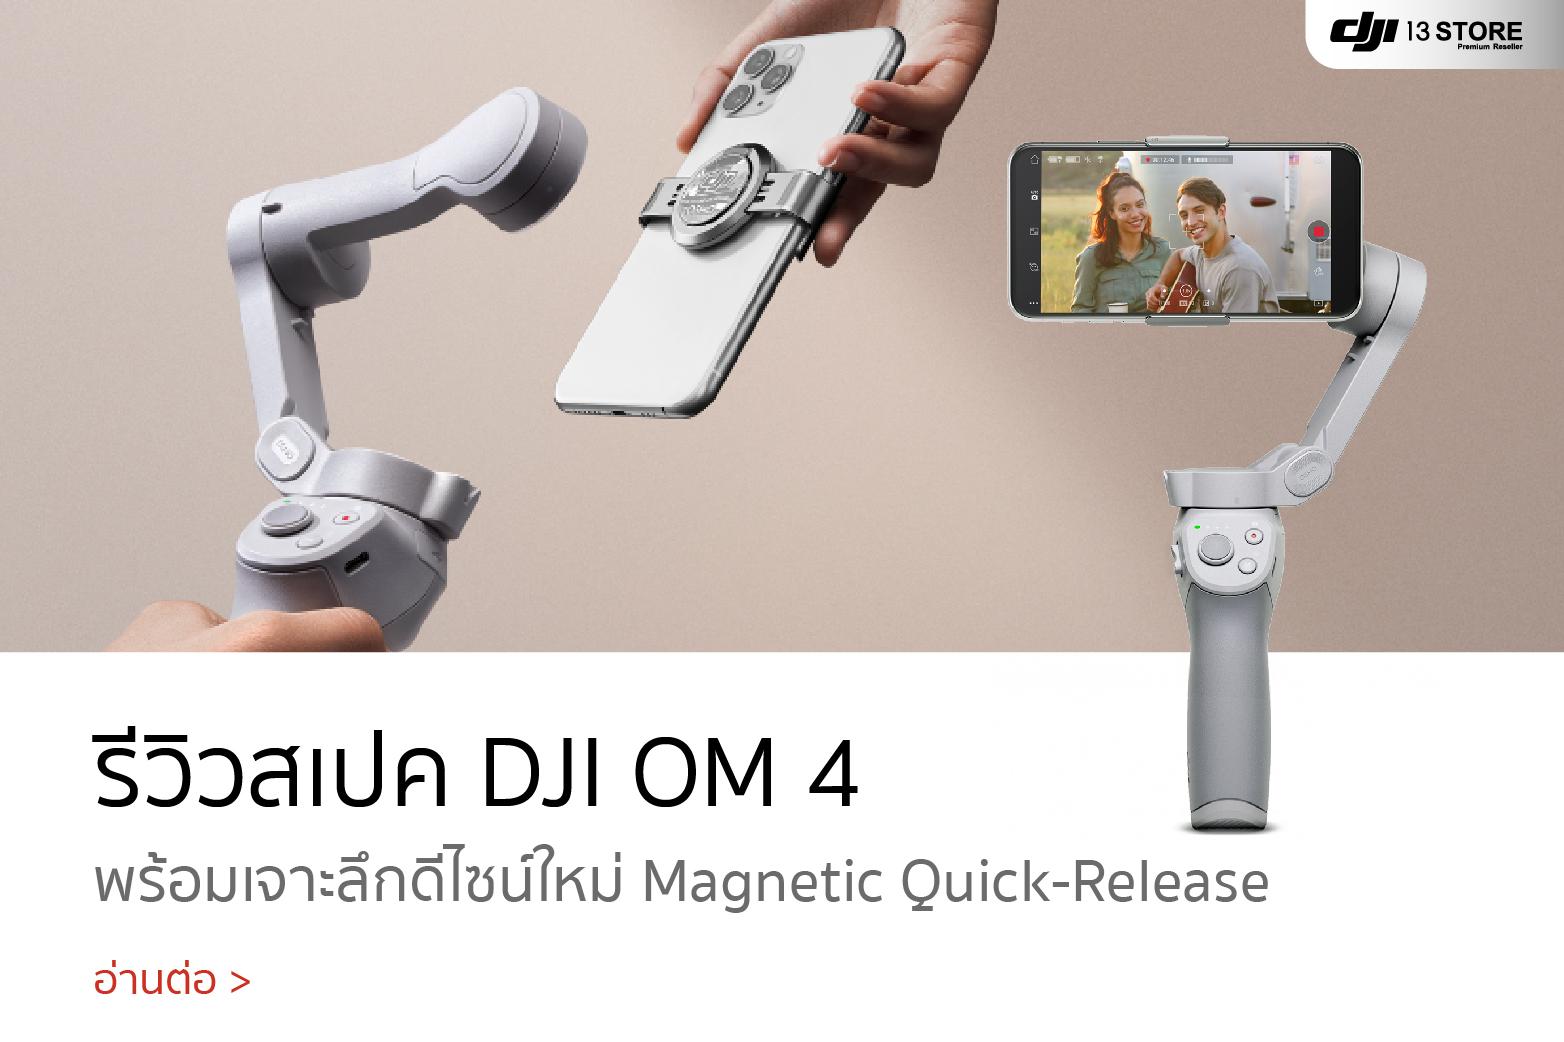 รีวิวสเปค DJI OM 4 พร้อมเจาะลึกดีไซน์ใหม่ Magnetic Quick-Release